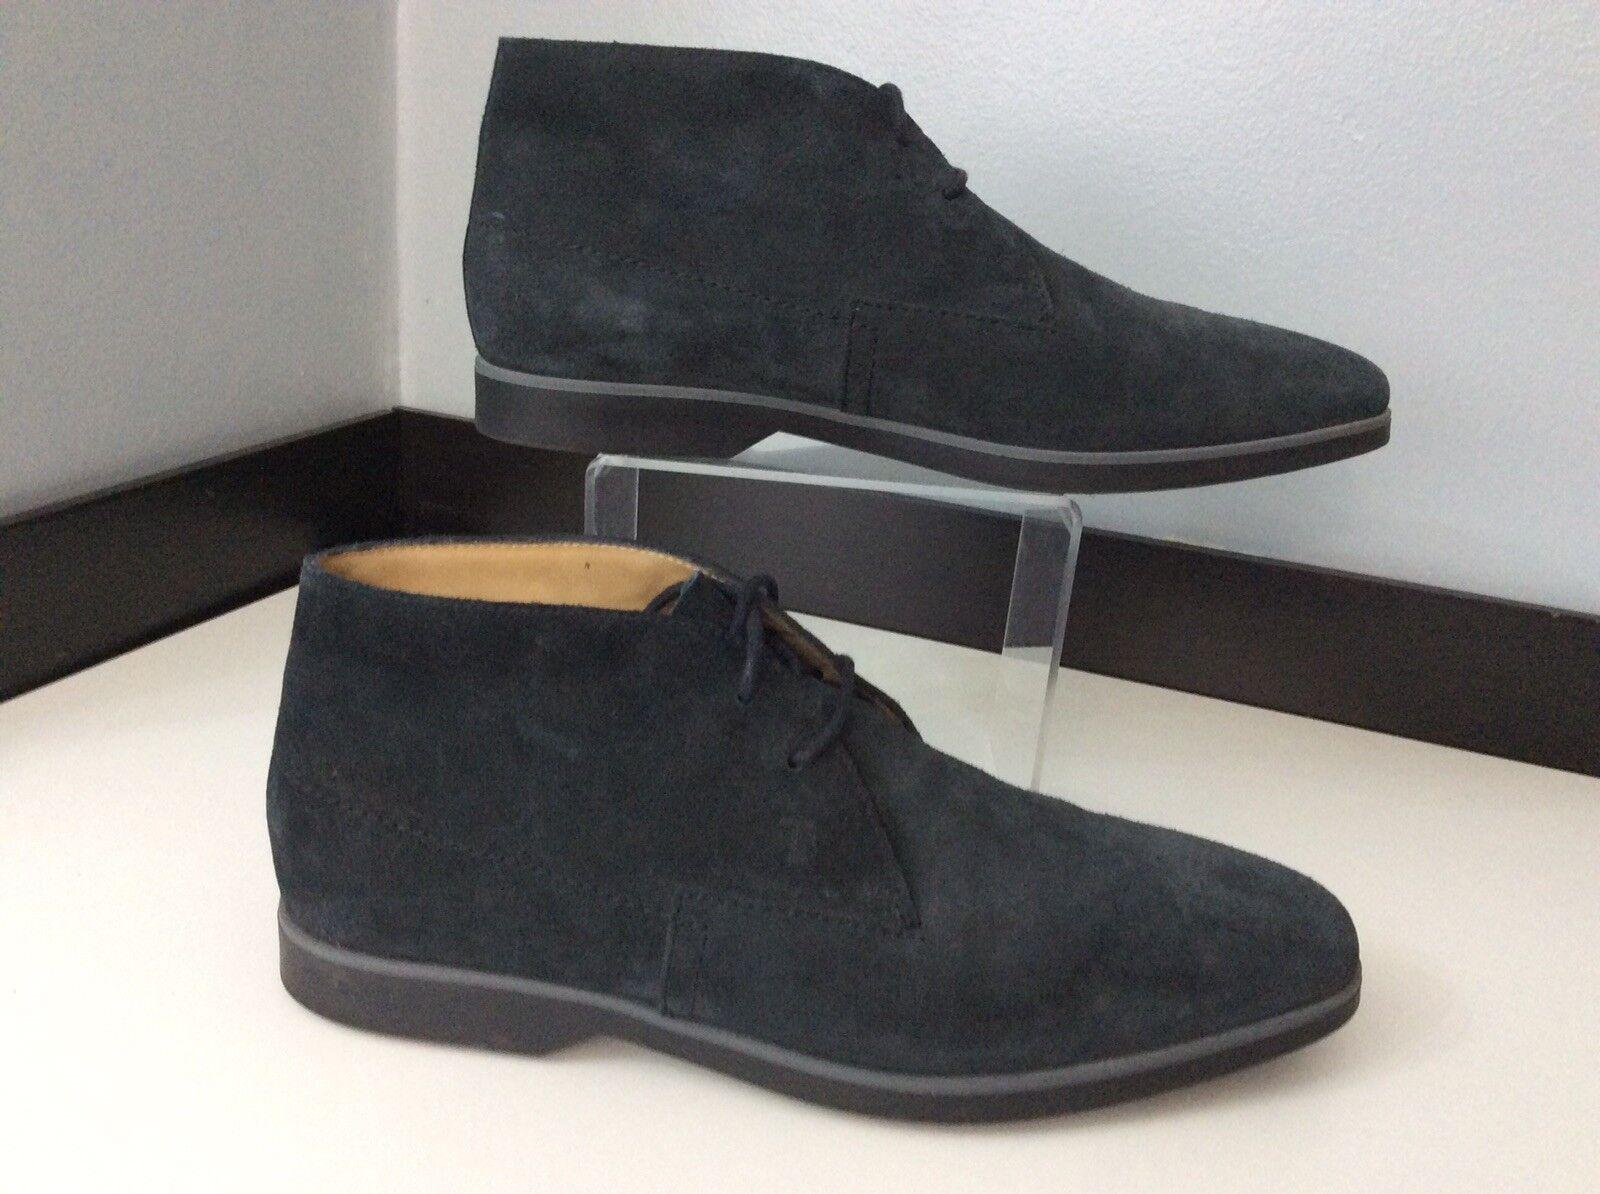 Tods Hombres botas para el desierto, azul Suede Eu40, una vez usado